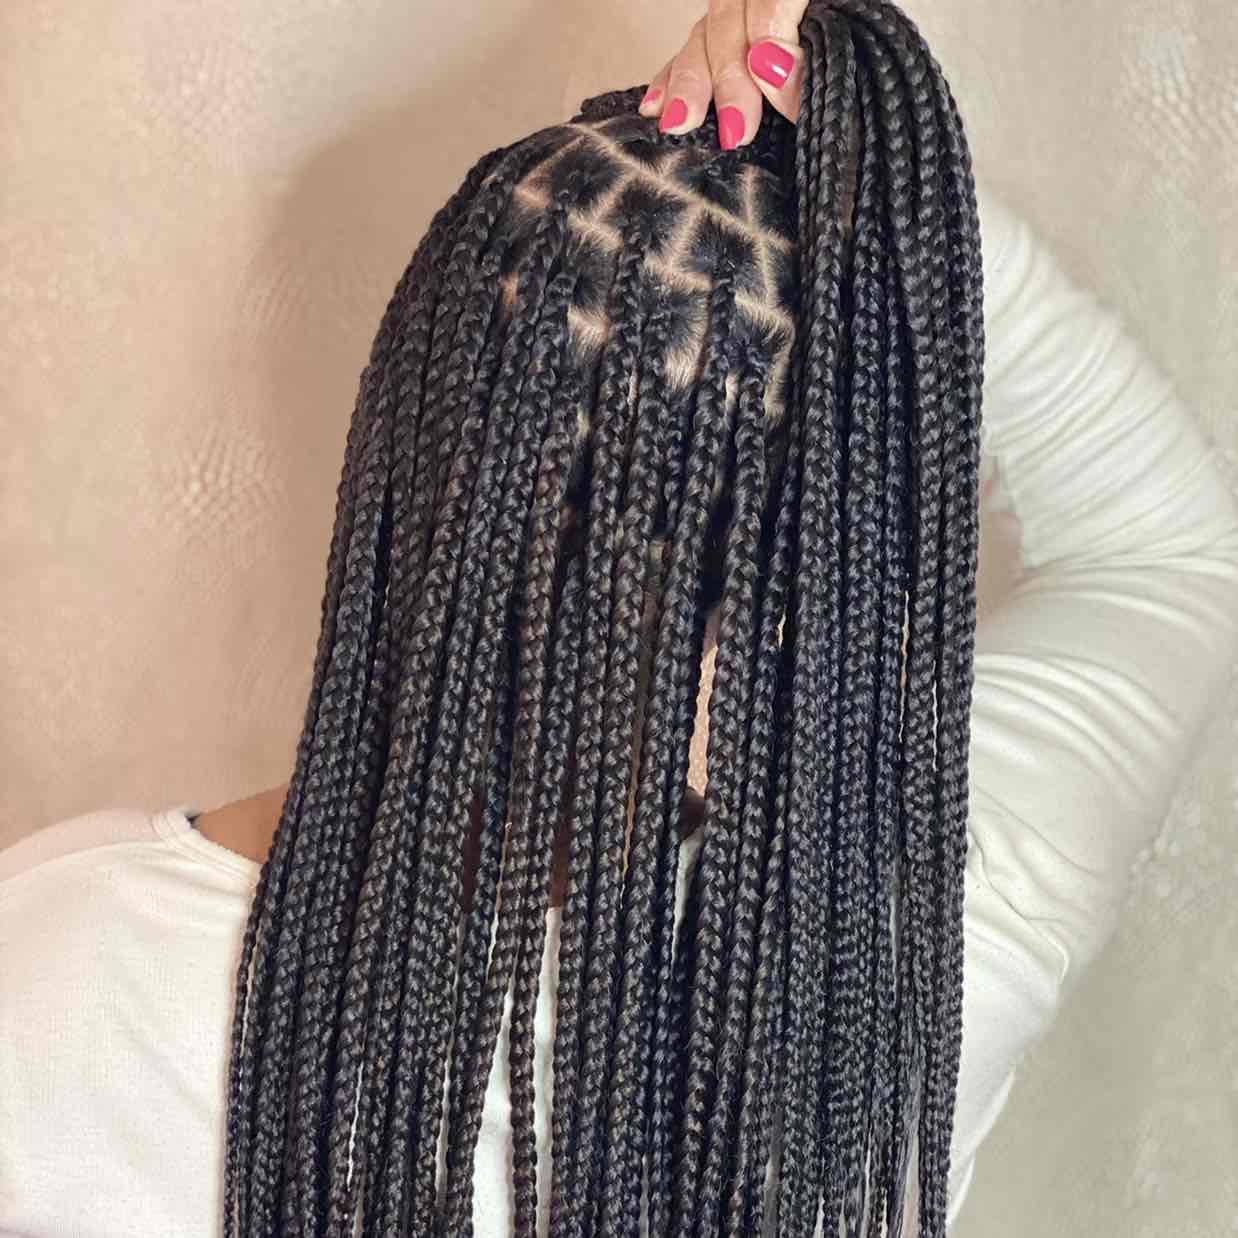 salon de coiffure afro tresse tresses box braids crochet braids vanilles tissages paris 75 77 78 91 92 93 94 95 CJBJWJFY